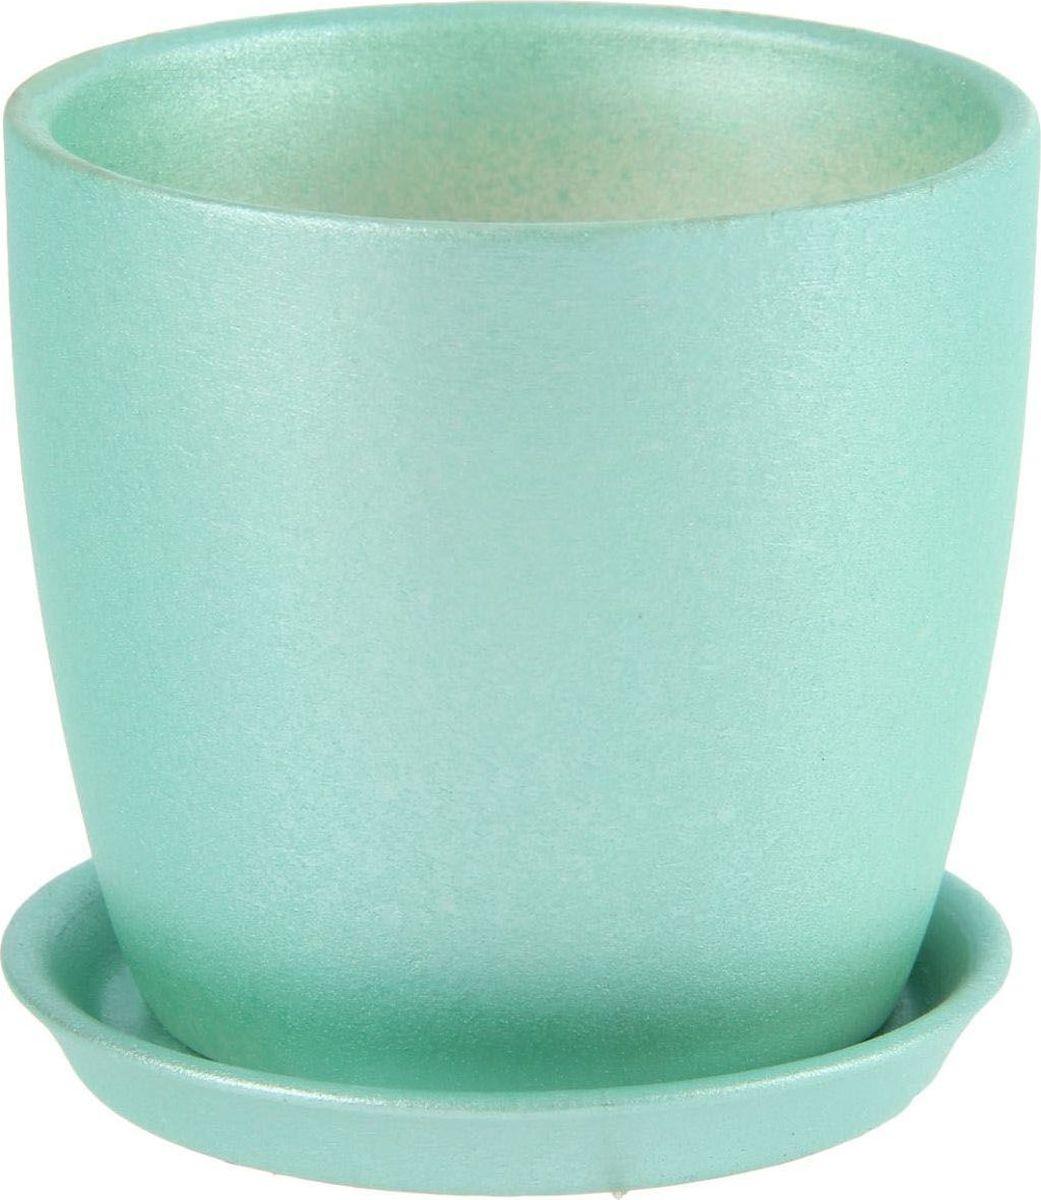 Кашпо Керамика ручной работы Осень. Перламутр, цвет: зеленый, 0,5 л1144913Комнатные растения - всеобщие любимцы. Они радуют глаз, насыщают помещение кислородом и украшают пространство. Каждому из них необходим свой удобный и красивый дом. Кашпо из керамики прекрасно подходят для высадки растений: за счет пластичности глины и разных способов обработки существует великое множество форм и дизайнов. Пористый материал позволяет испаряться лишней влаге воздух, необходимый для дыхания корней.